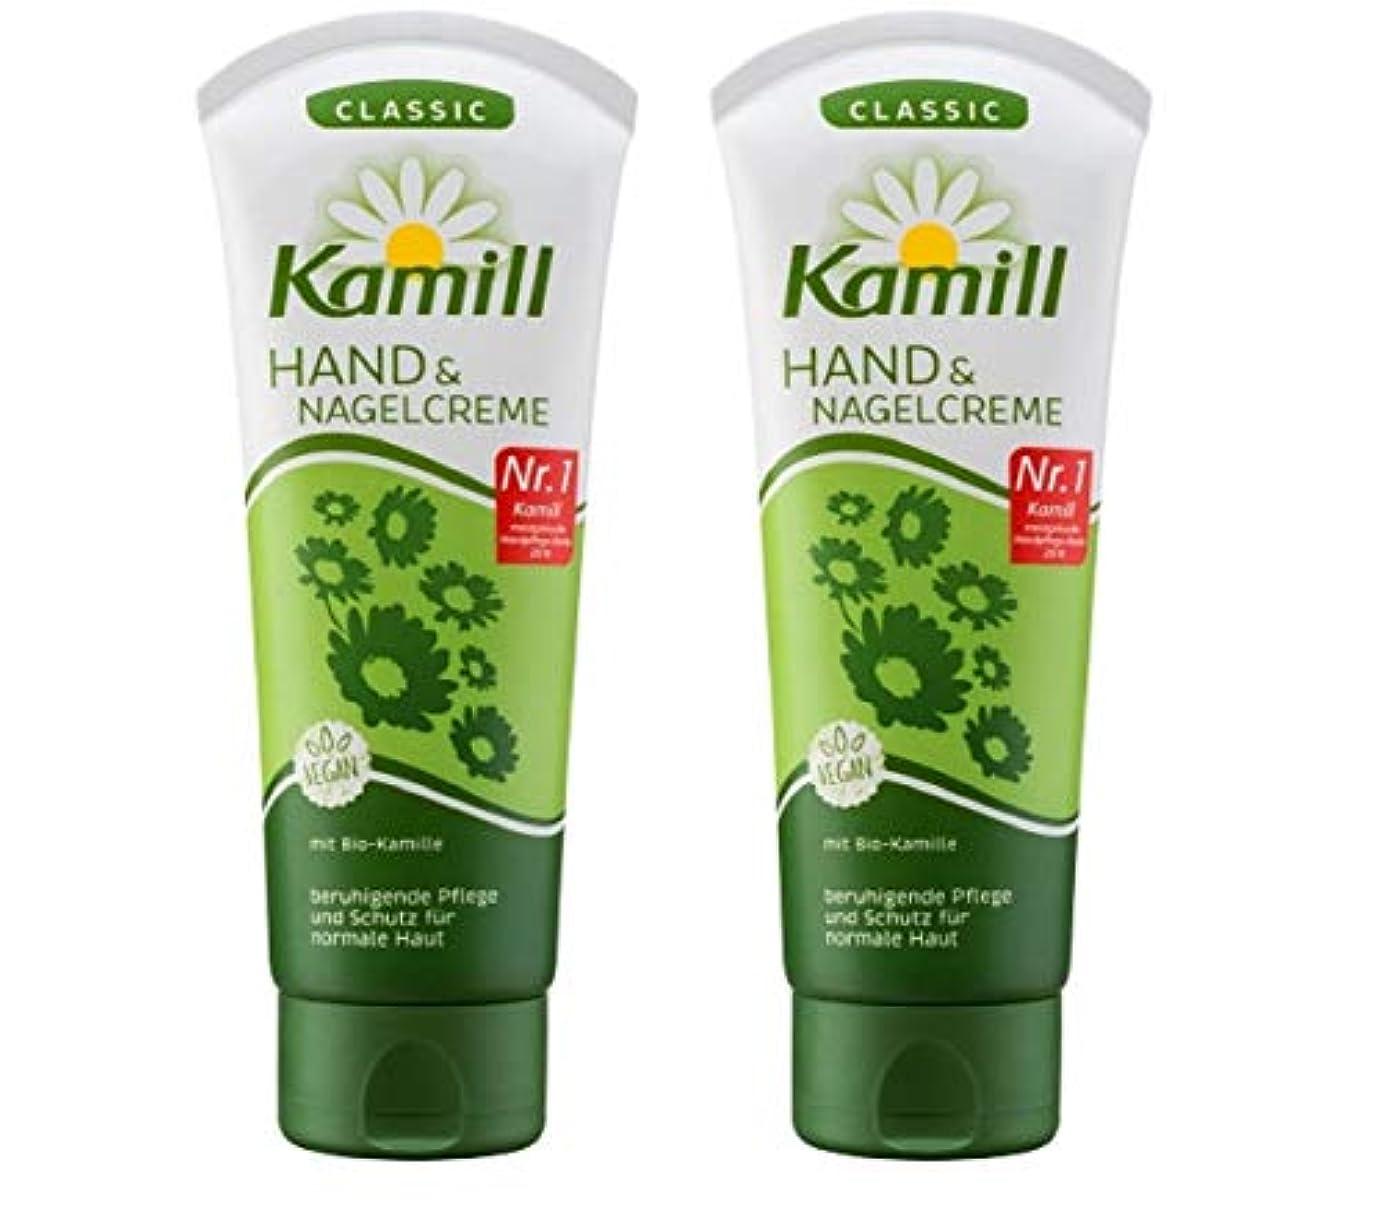 支配する無意味スクラブ[Kamill]カミール ハンド&ネイルクリームクラシック100mlx2